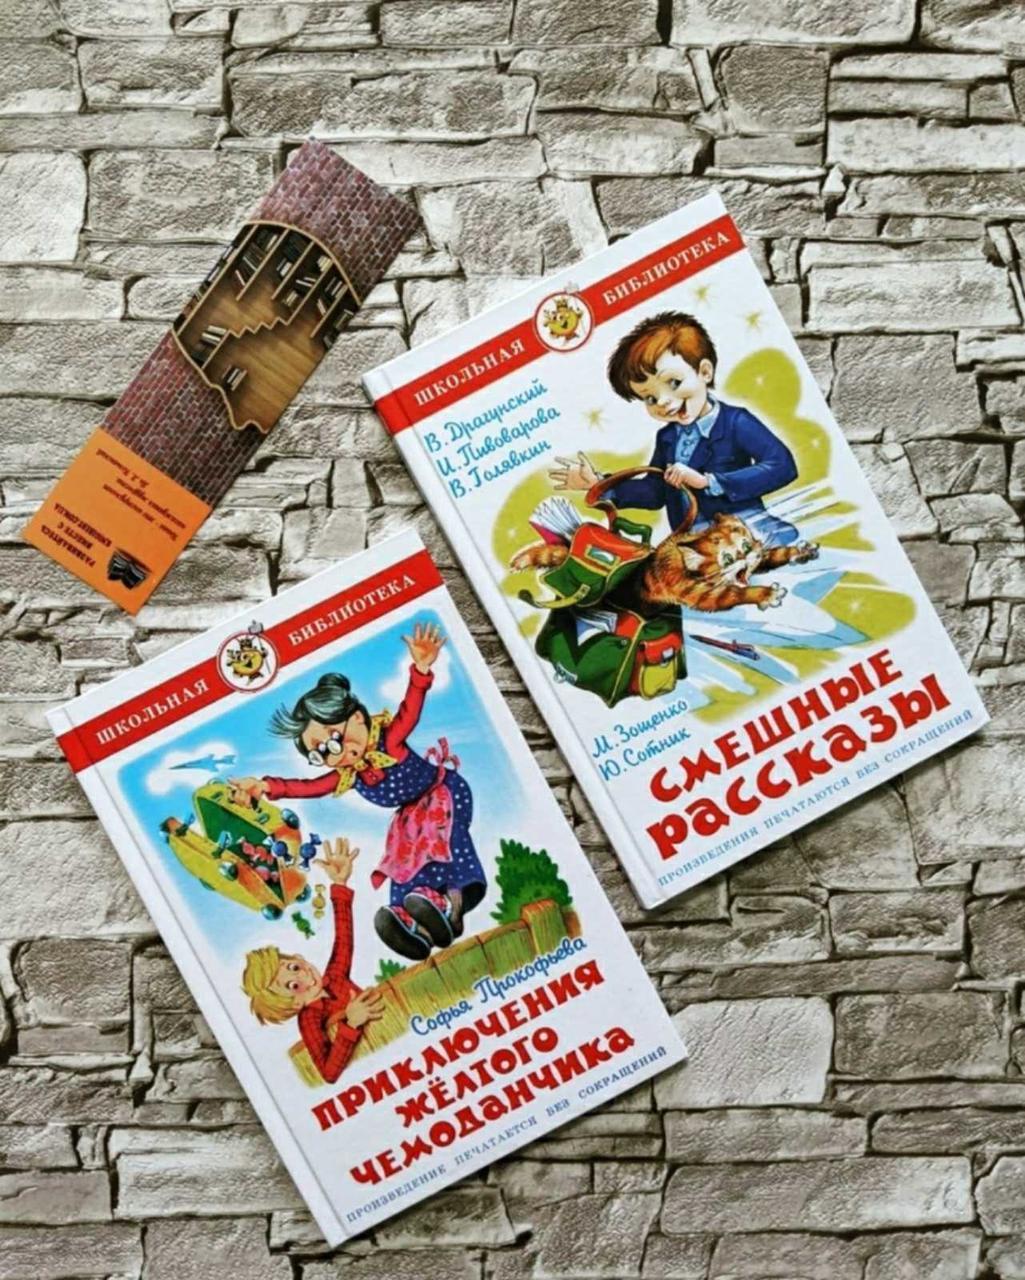 """Набор книг """"Приключения жёлтого чемоданчика"""" Софья Прокофьева,""""Смешные рассказы"""" Пивоварова, Драгунский"""